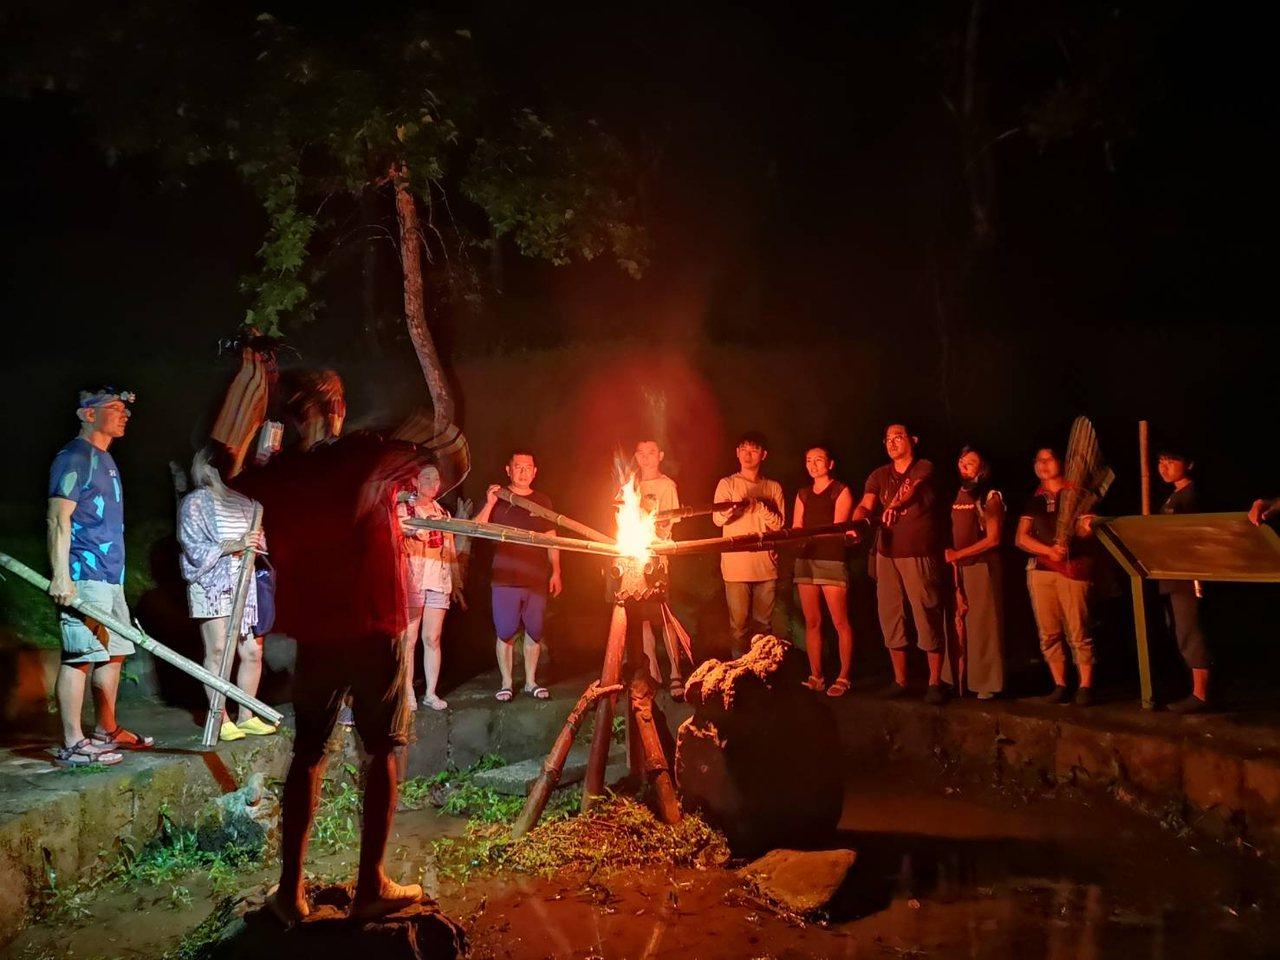 嘉義珈雅瑪青年壯遊點火祭體驗。圖/教育部提供